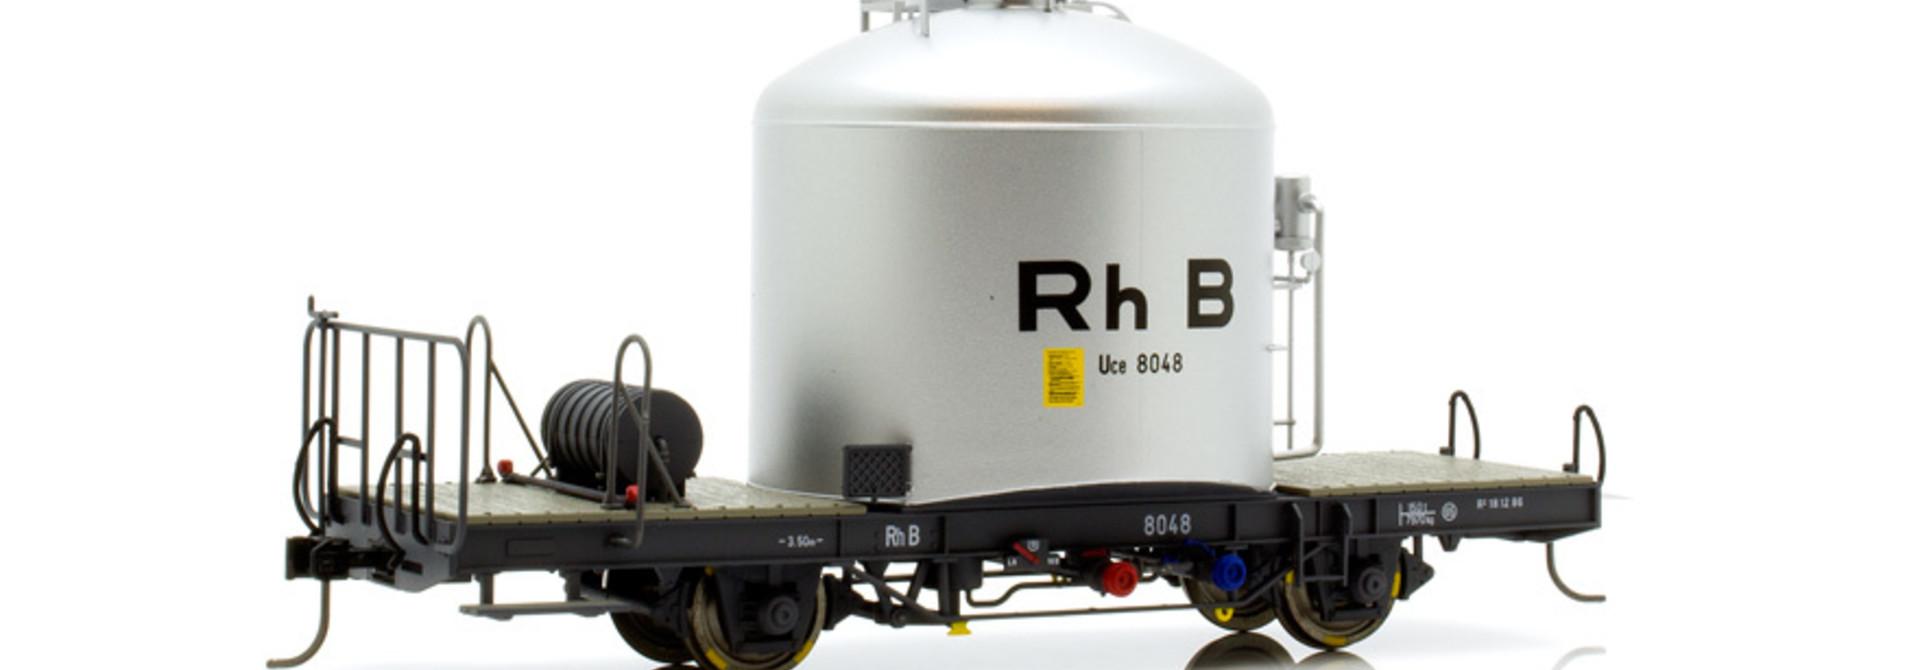 """RhB Uce 8014 """"RhB"""" Zementsilowagen mit Kastenabdeckung"""